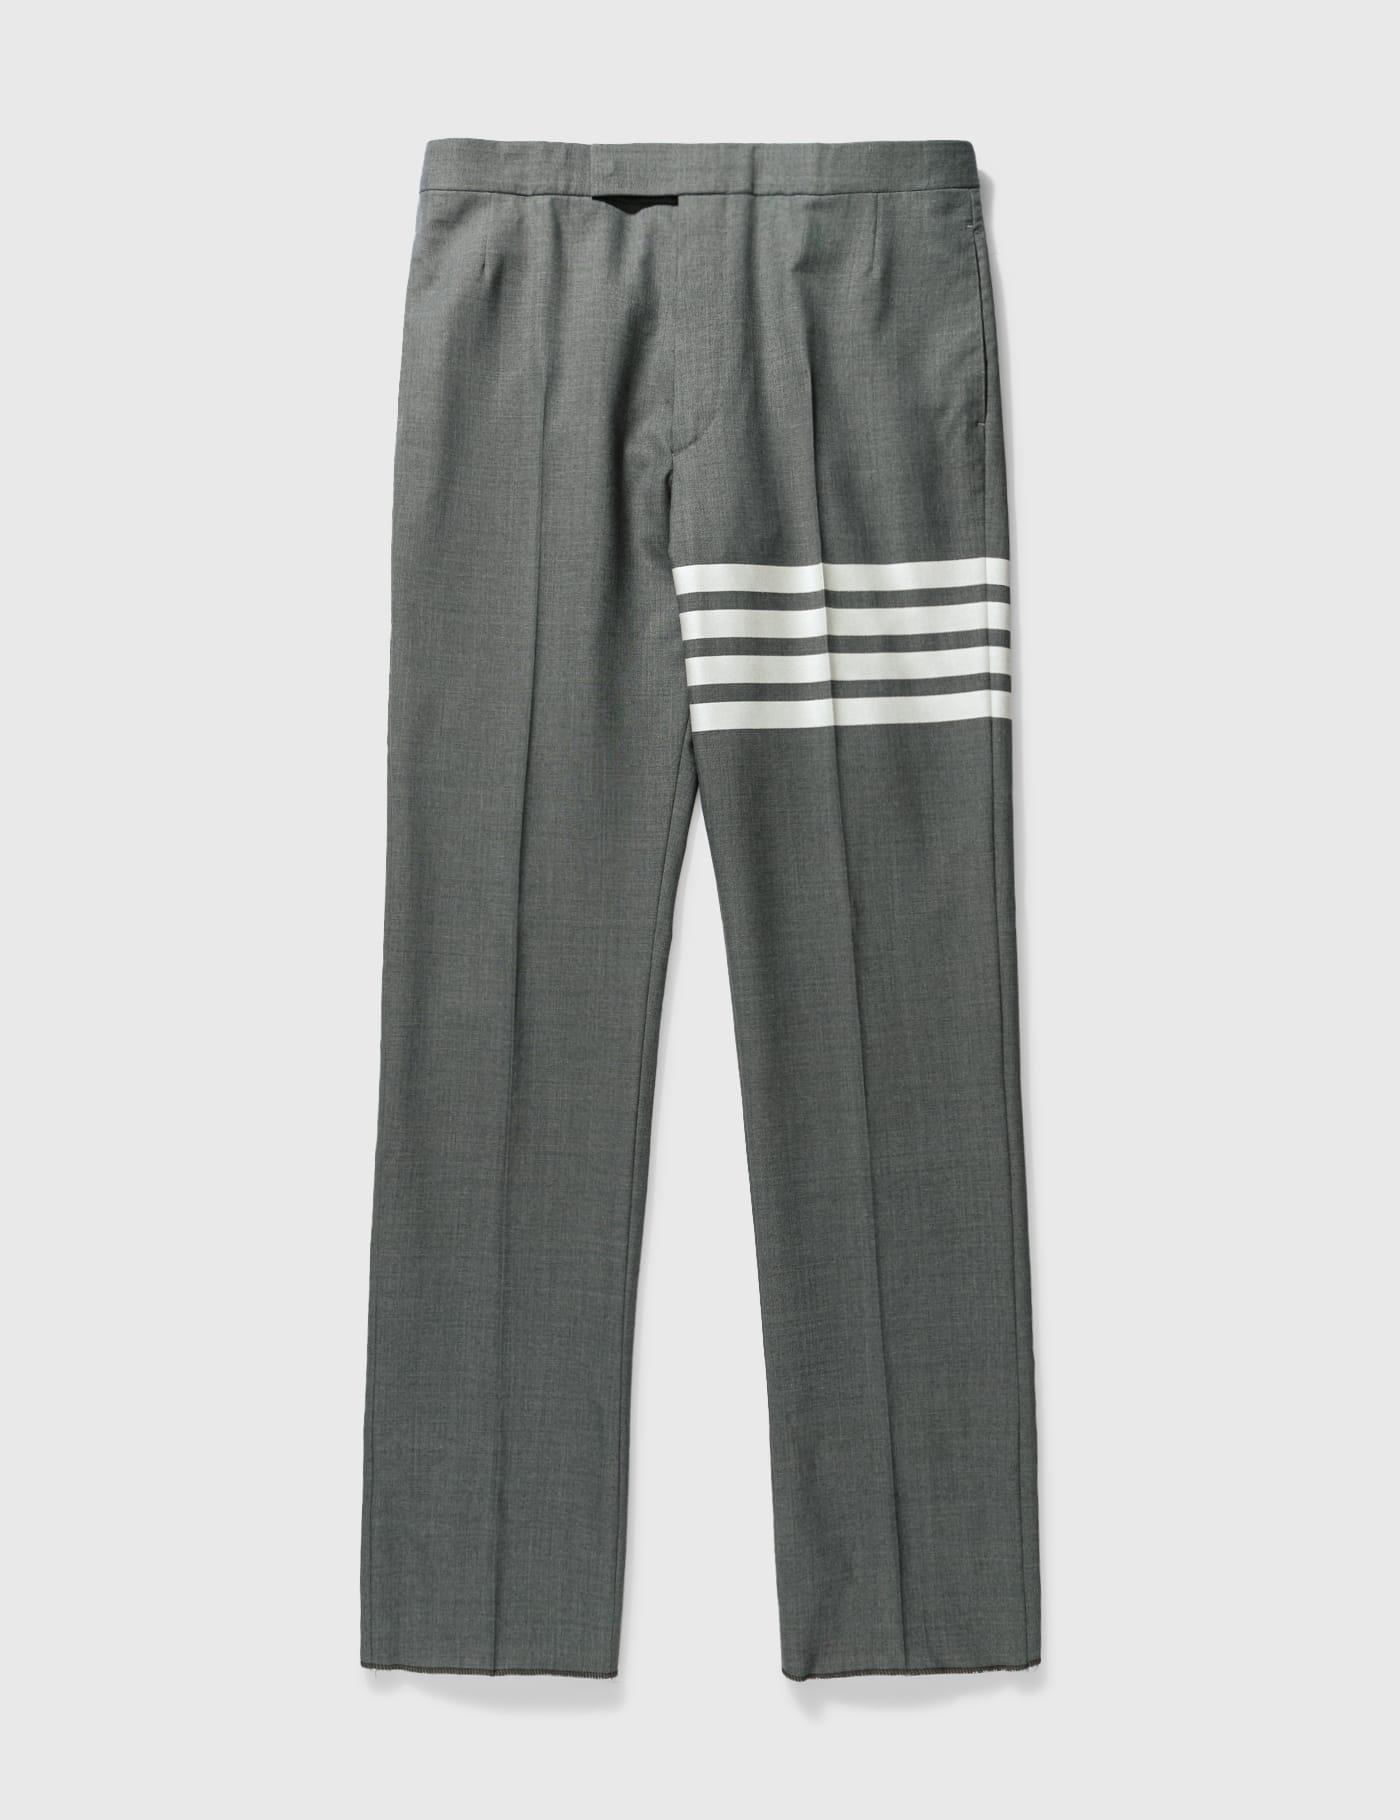 탐 브라운 4 Bar 클래식 수트 팬츠 Thom Browne Classic Plain Weave Suiting Trouser